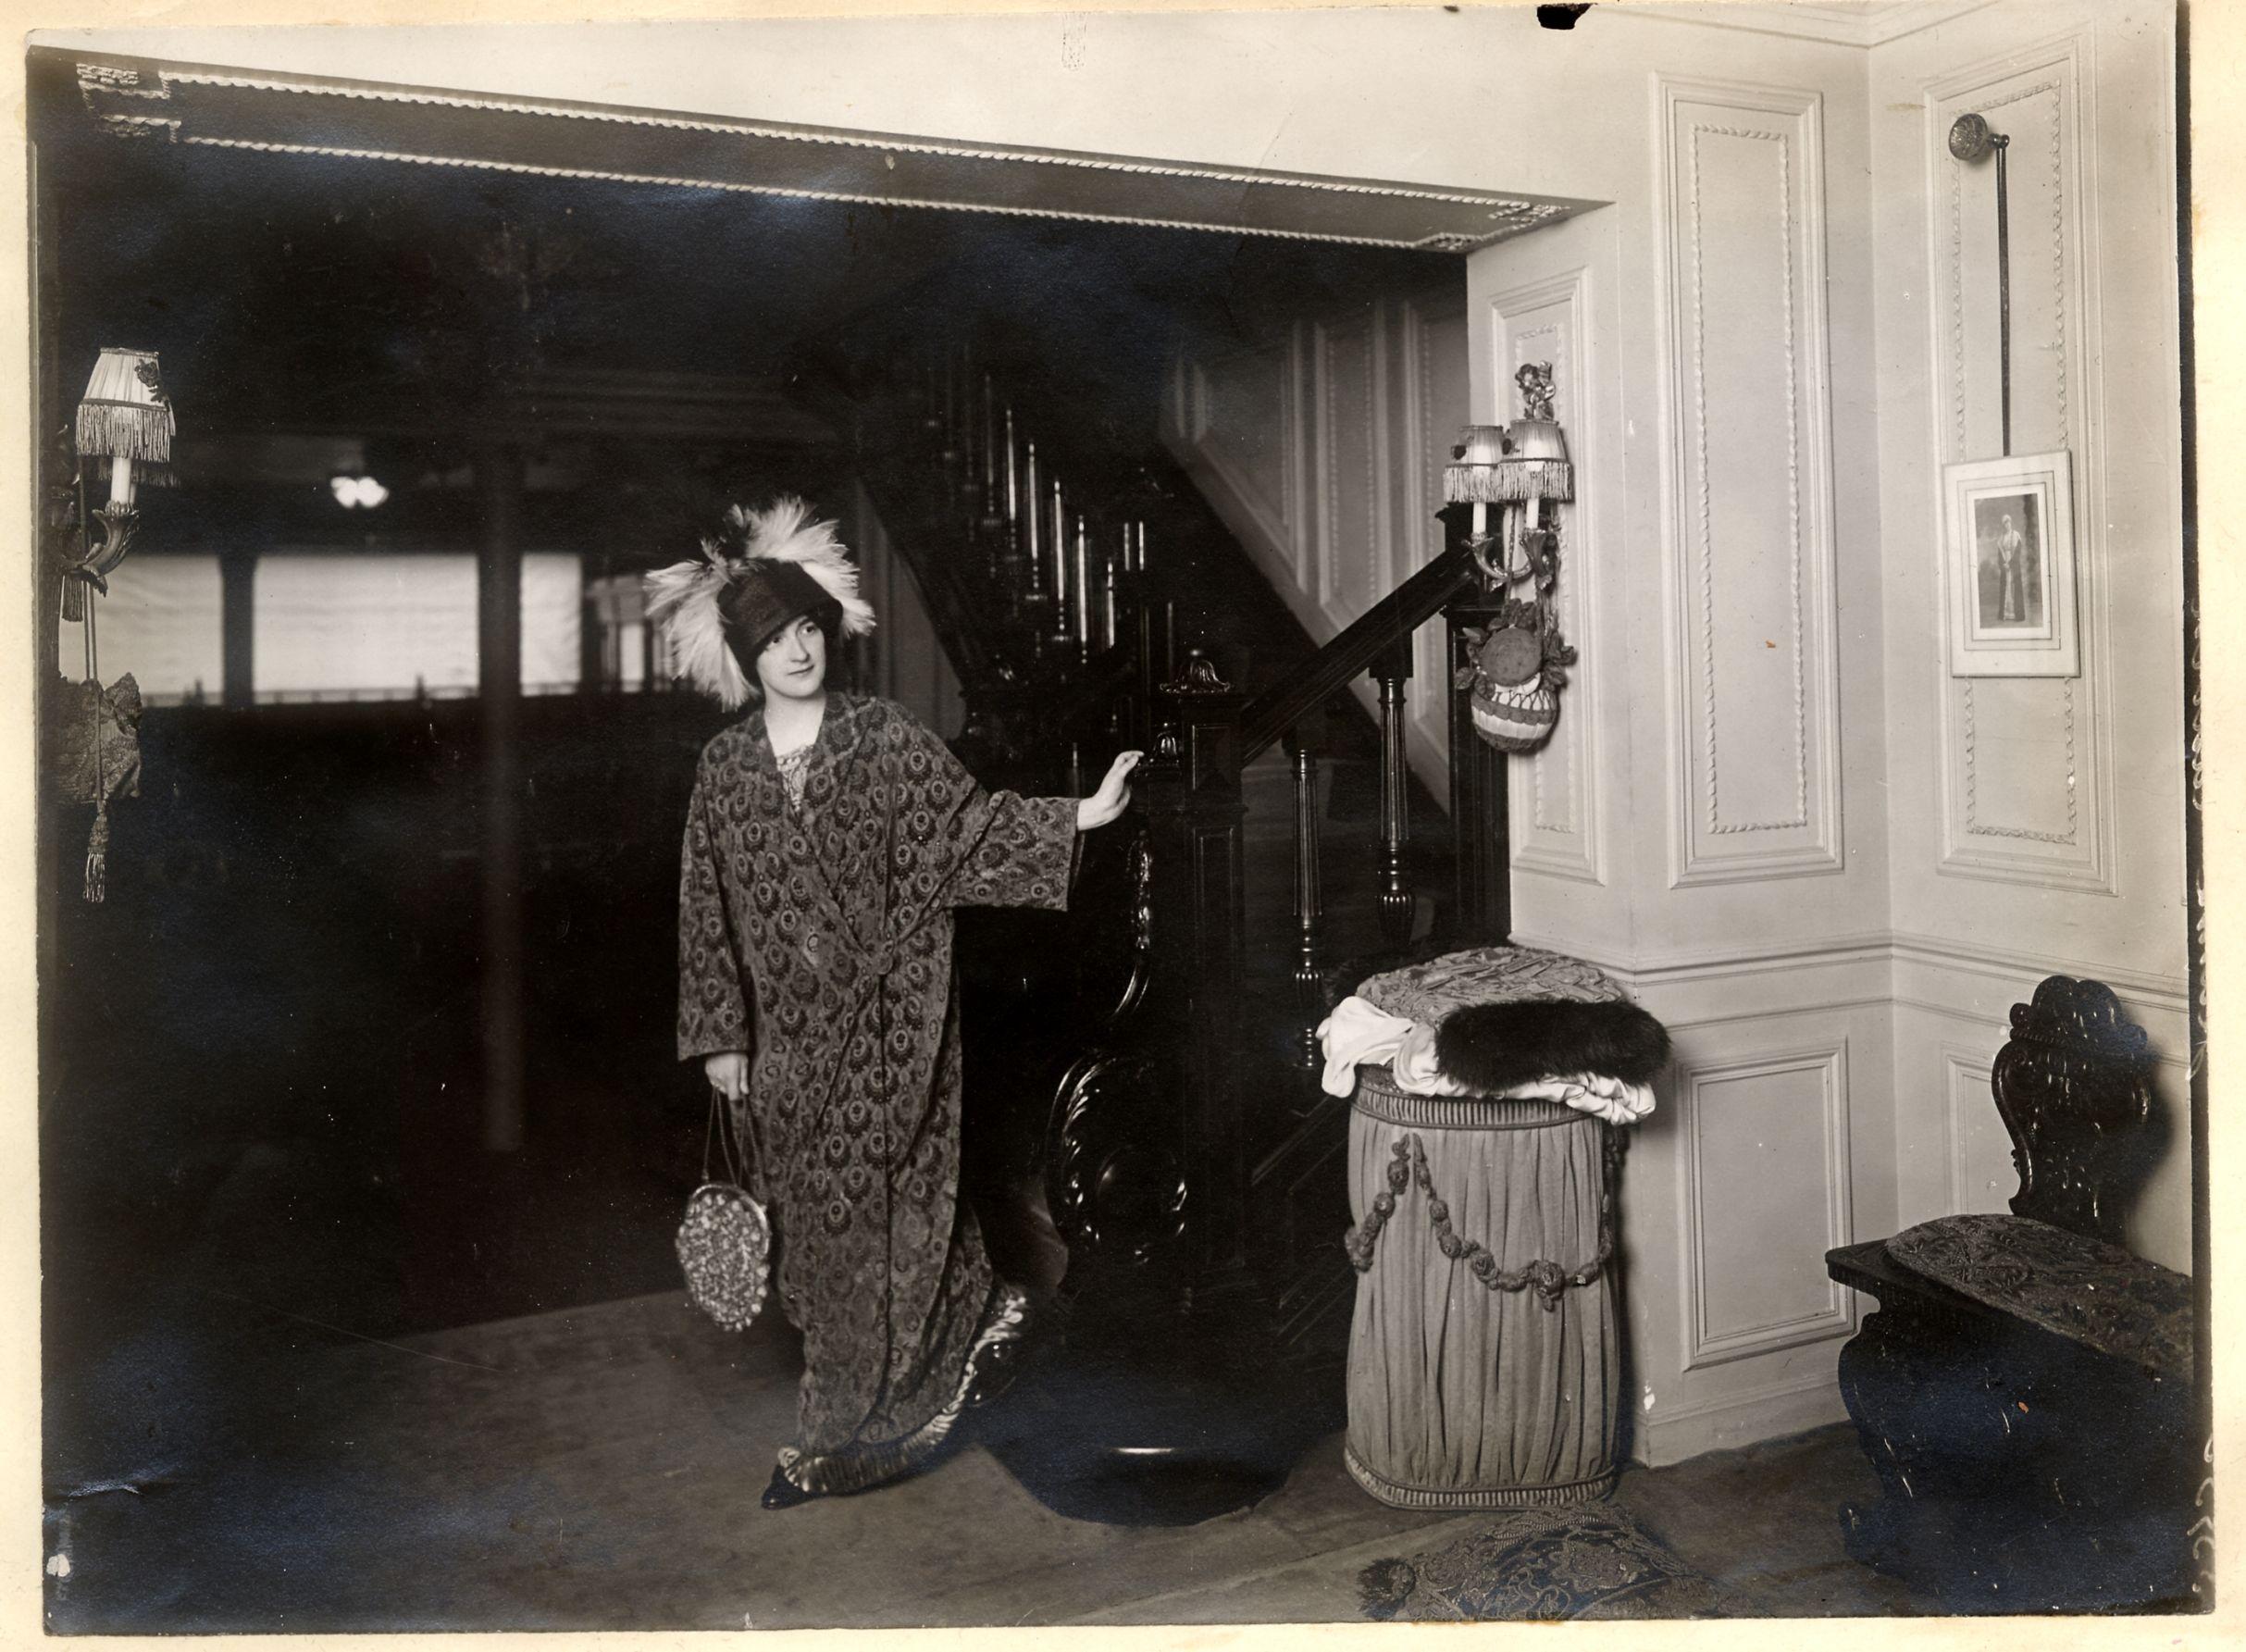 Intérieur de la boutique 22 Fbg, 1912 © Patrimoine Lanvin. #Lanvin125